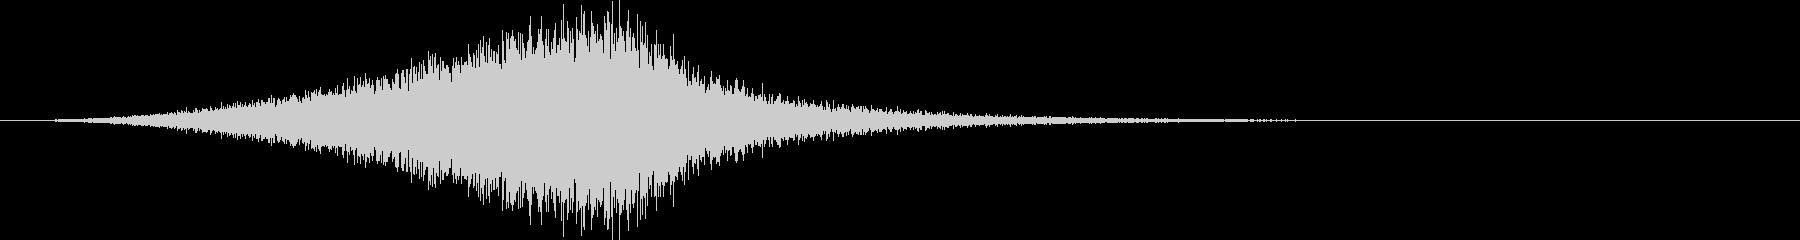 ザバーン。波・海の音(高・短)の未再生の波形